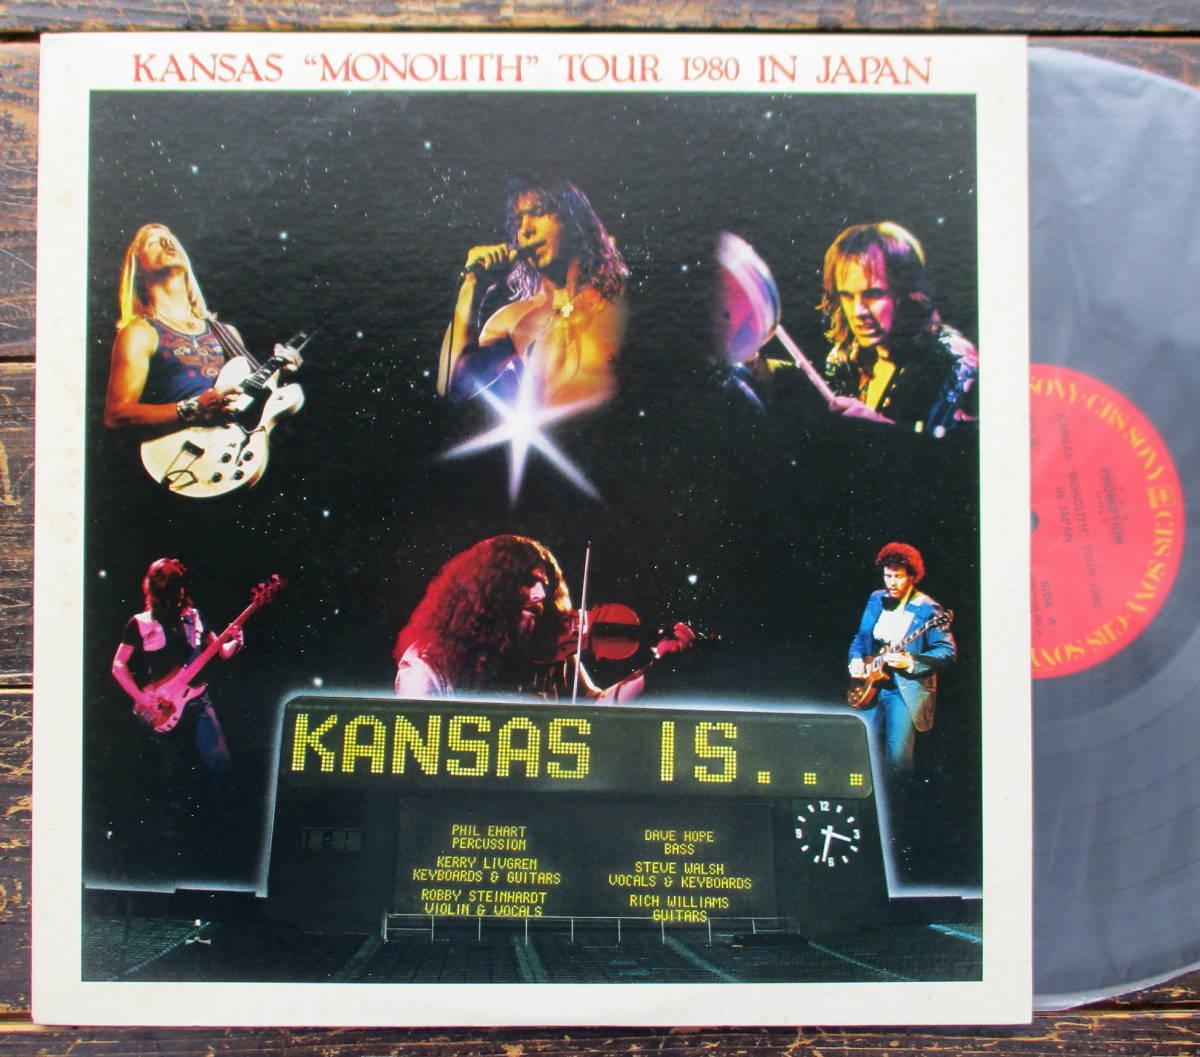 LP【KANSAS MONOLITH TOUR 1980 in JAPAN カンサス・スペシャルDJコピー】